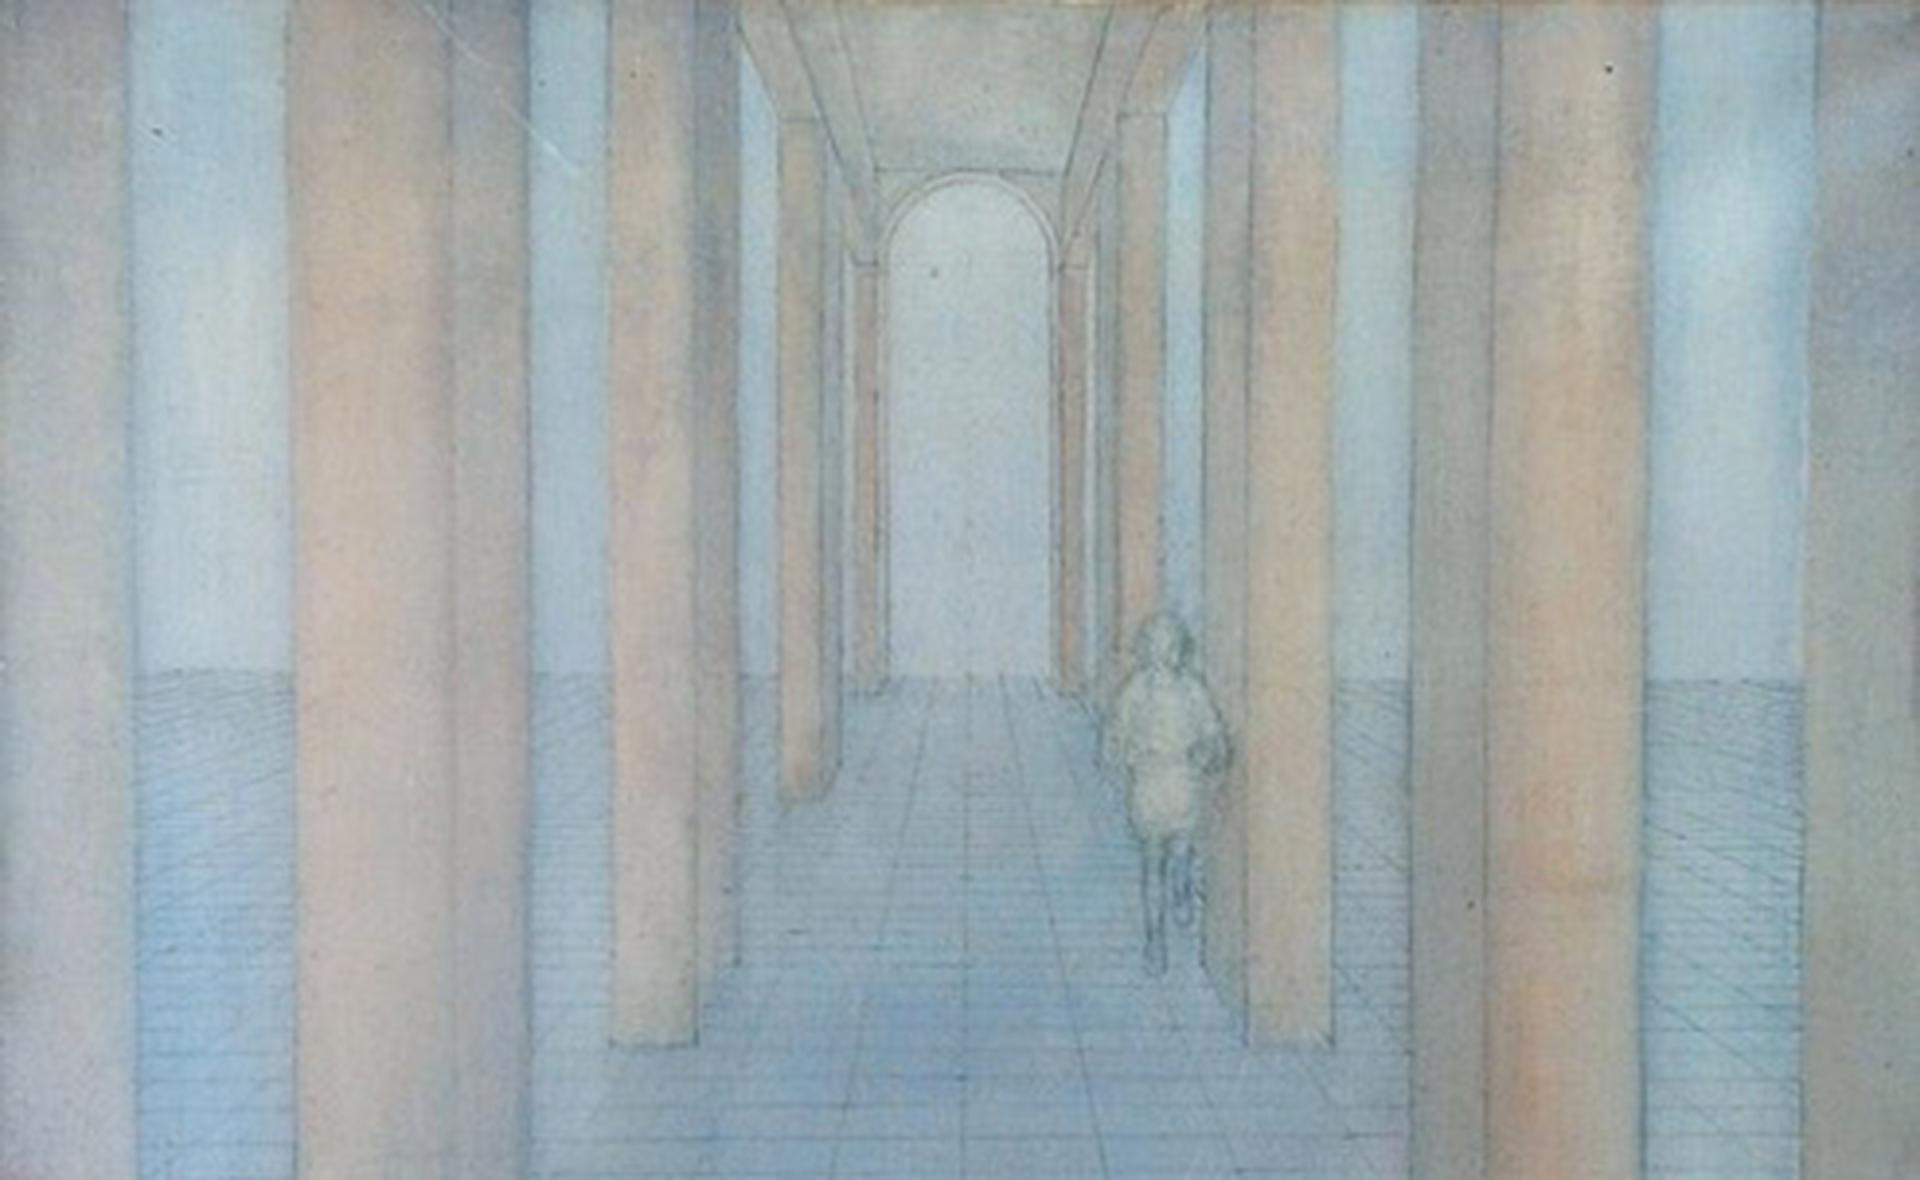 El Museu de la Garrotxa busca obres d'Anna Manel·la per una exposició retrospectiva